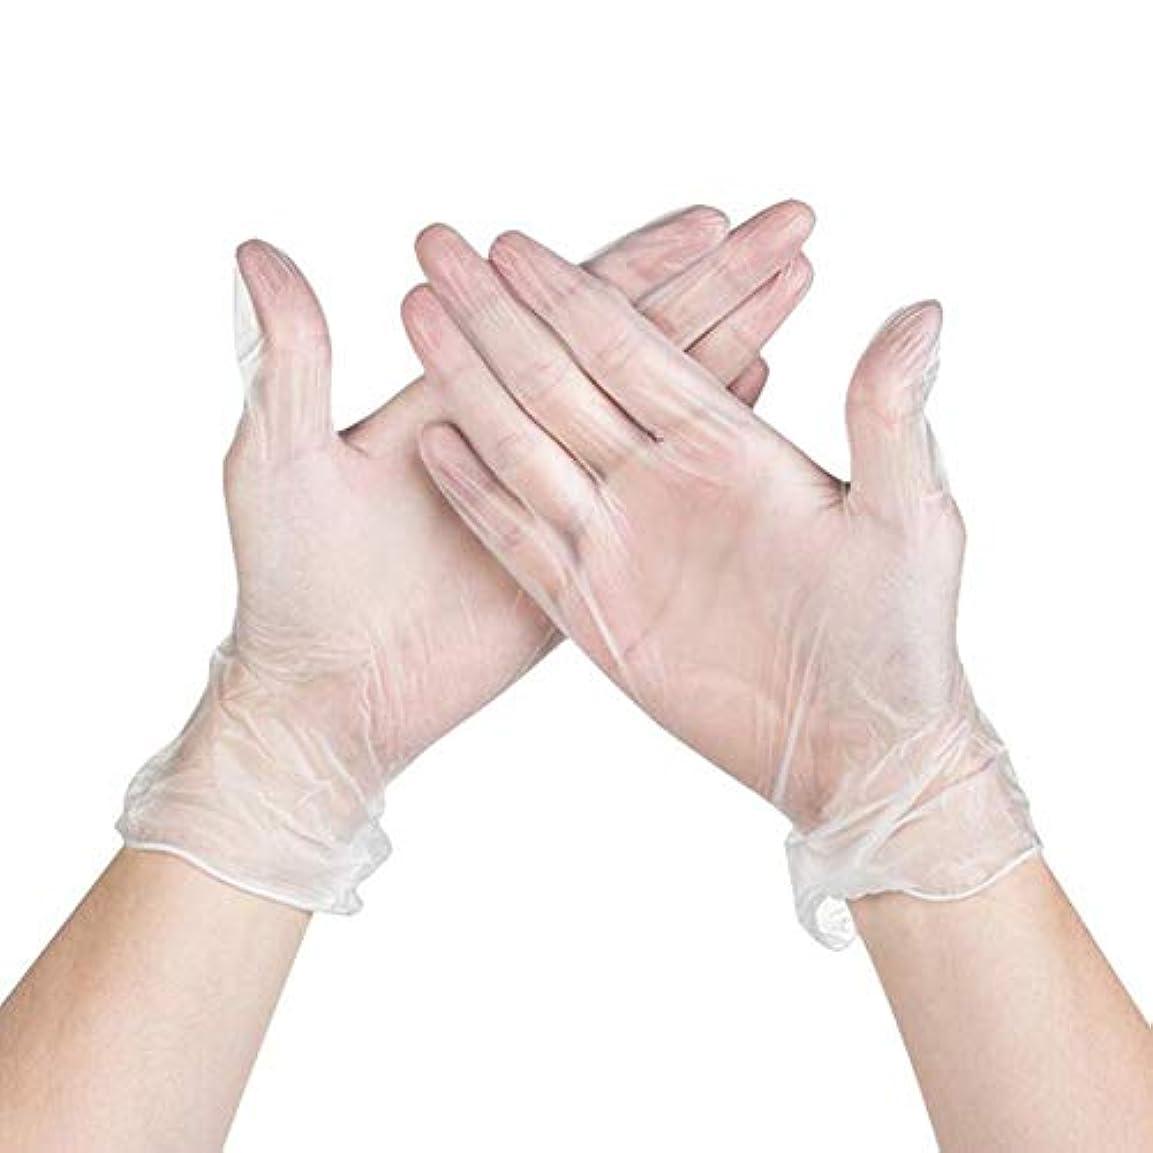 昆虫を見る対抗悪用RaiFu 使い捨て手袋 パウダーフリー 防水 オイル耐性 透明 PVC手袋 100個 透明 L